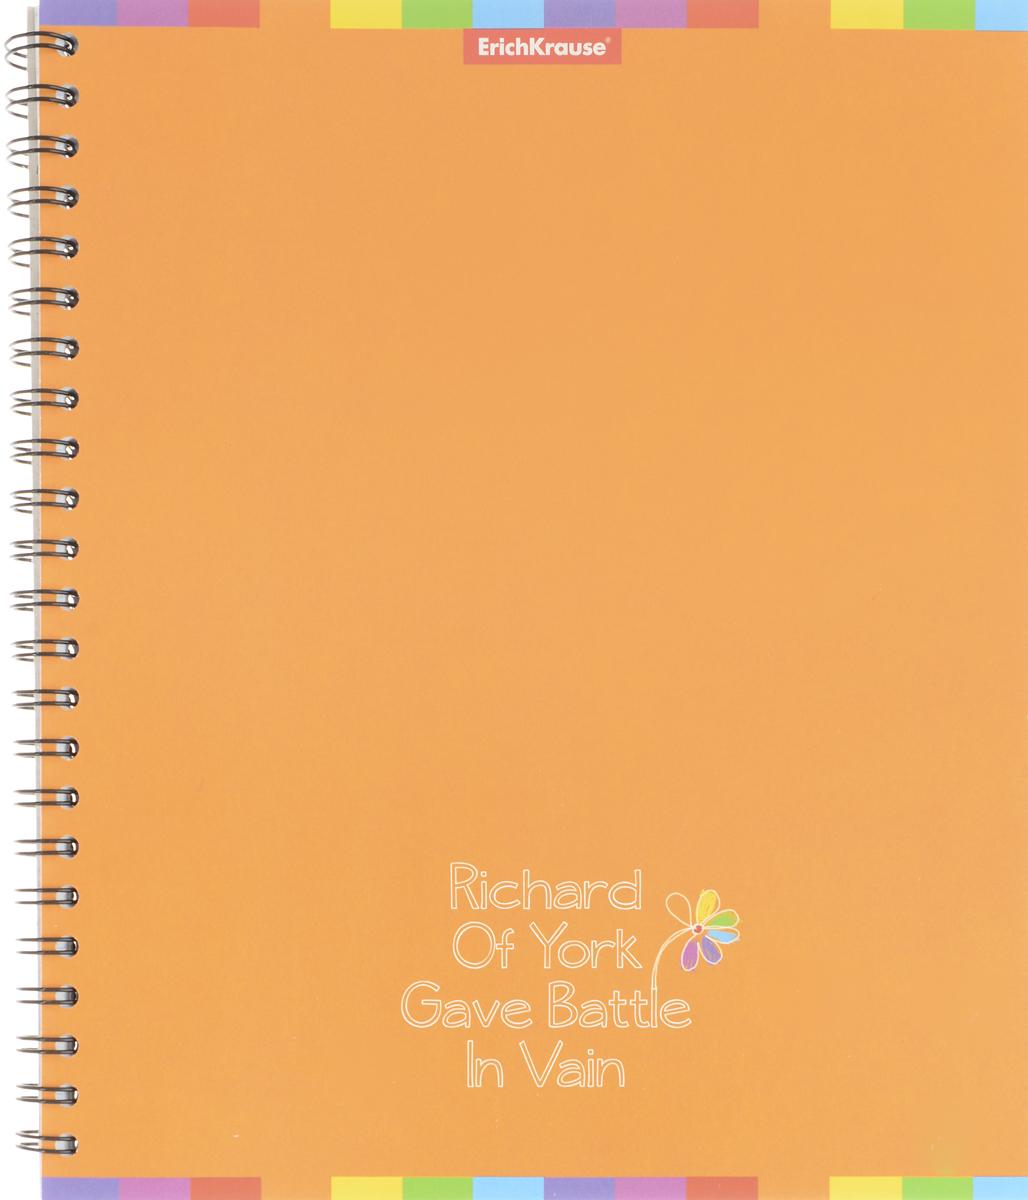 Erich Krause Тетрадь Rainbow 60 листов в клетку цвет оранжевый35636_оранжевыйОбщая тетрадь Erich Krause Rainbow на металлическом гребне пригодится как школьнику, так и студенту. Такое практичное и надежное крепление позволяет отрывать листы и полностью открывать тетрадь на столе. Обложка изготовлена из картона. Внутренний блок выполнен из белой бумаги в стандартную клетку без полей. Тетрадь содержит 60 листов формата А5.Вне зависимости от профессии и рода деятельности у человека часто возникает потребность сделать какие-либо заметки. Именно поэтому всегда удобно иметь эту тетрадь под рукой, особенно если вы творческая личность и постоянно генерируете новые идеи.